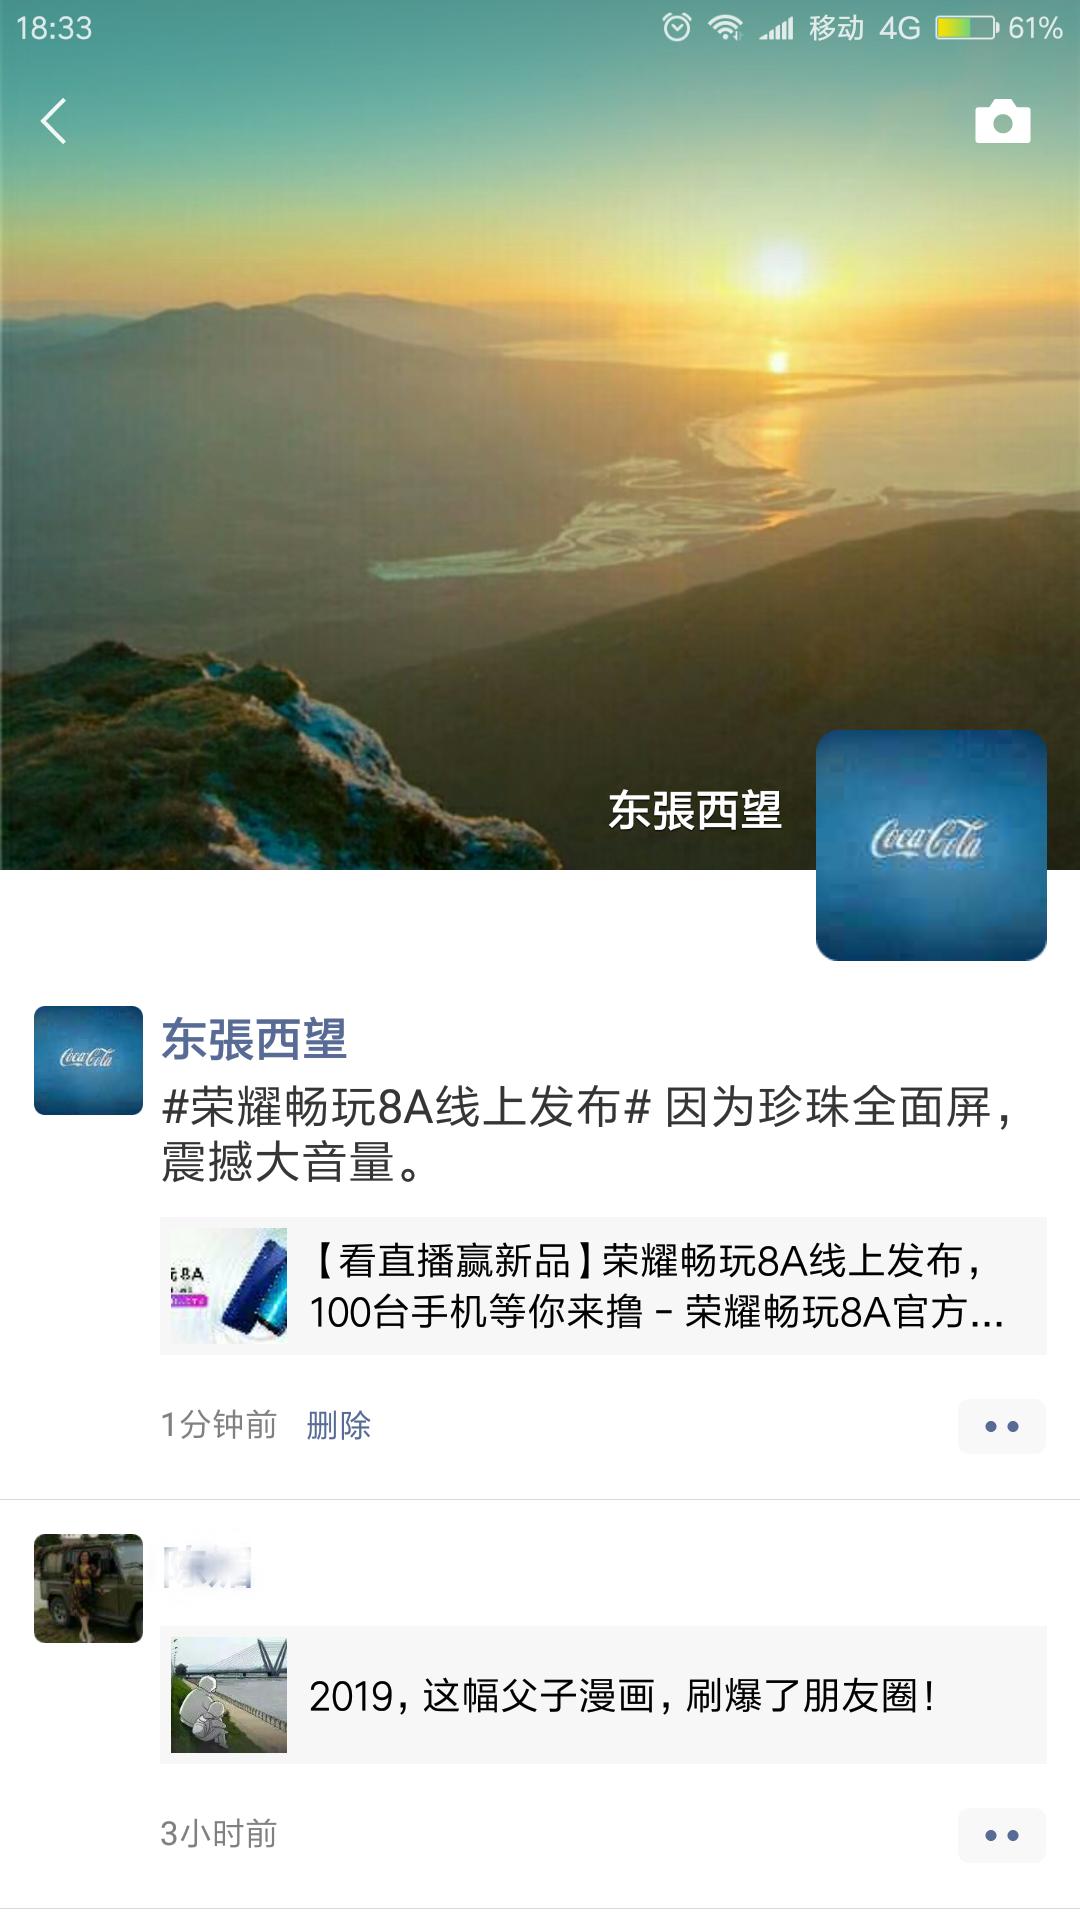 Screenshot_2019-01-09-18-33-48-003_com.tencent.mm.png